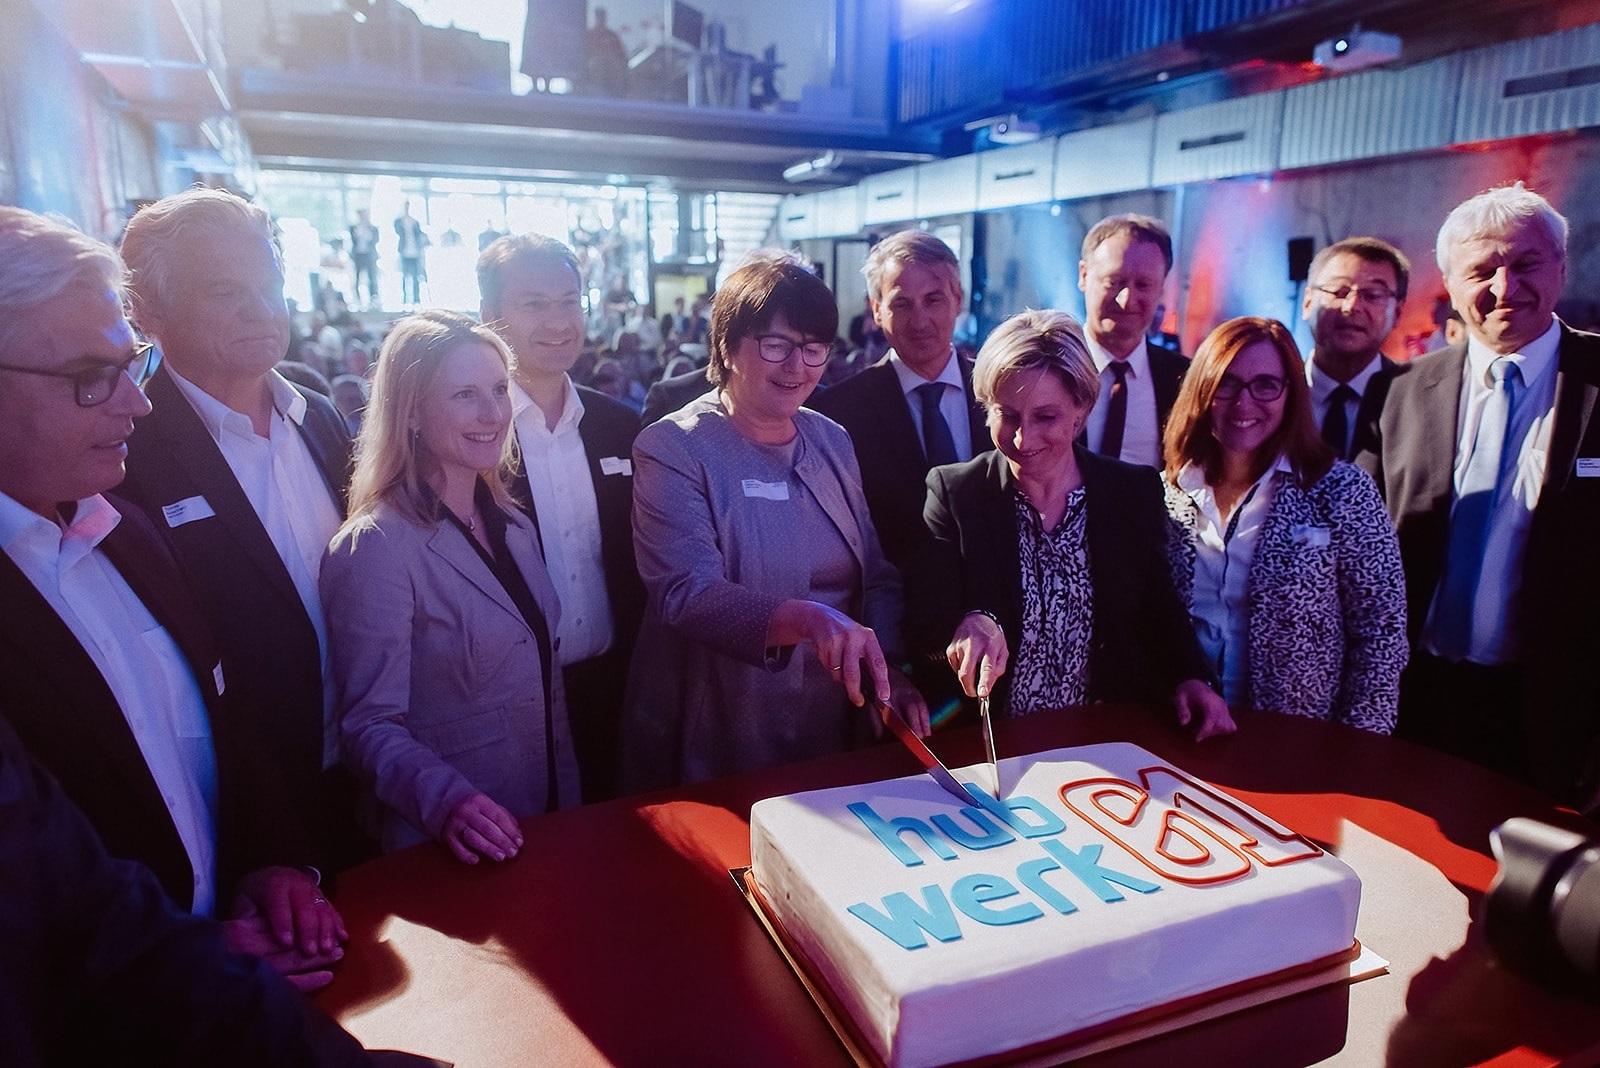 Eröffnung HubWerk01 in Bruchsal